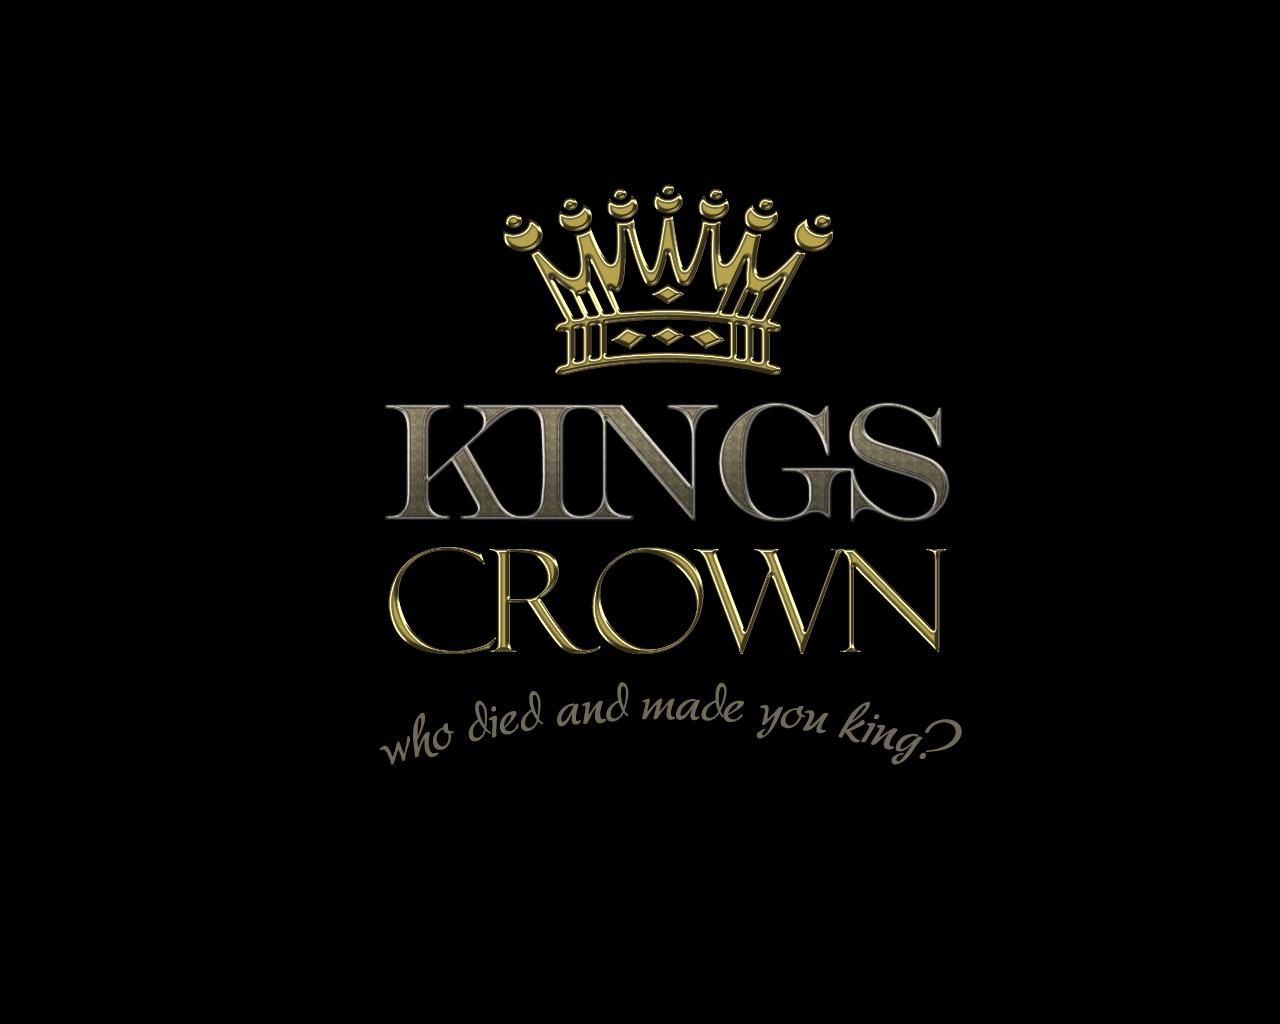 kings logo wallpaper wallpapersafari